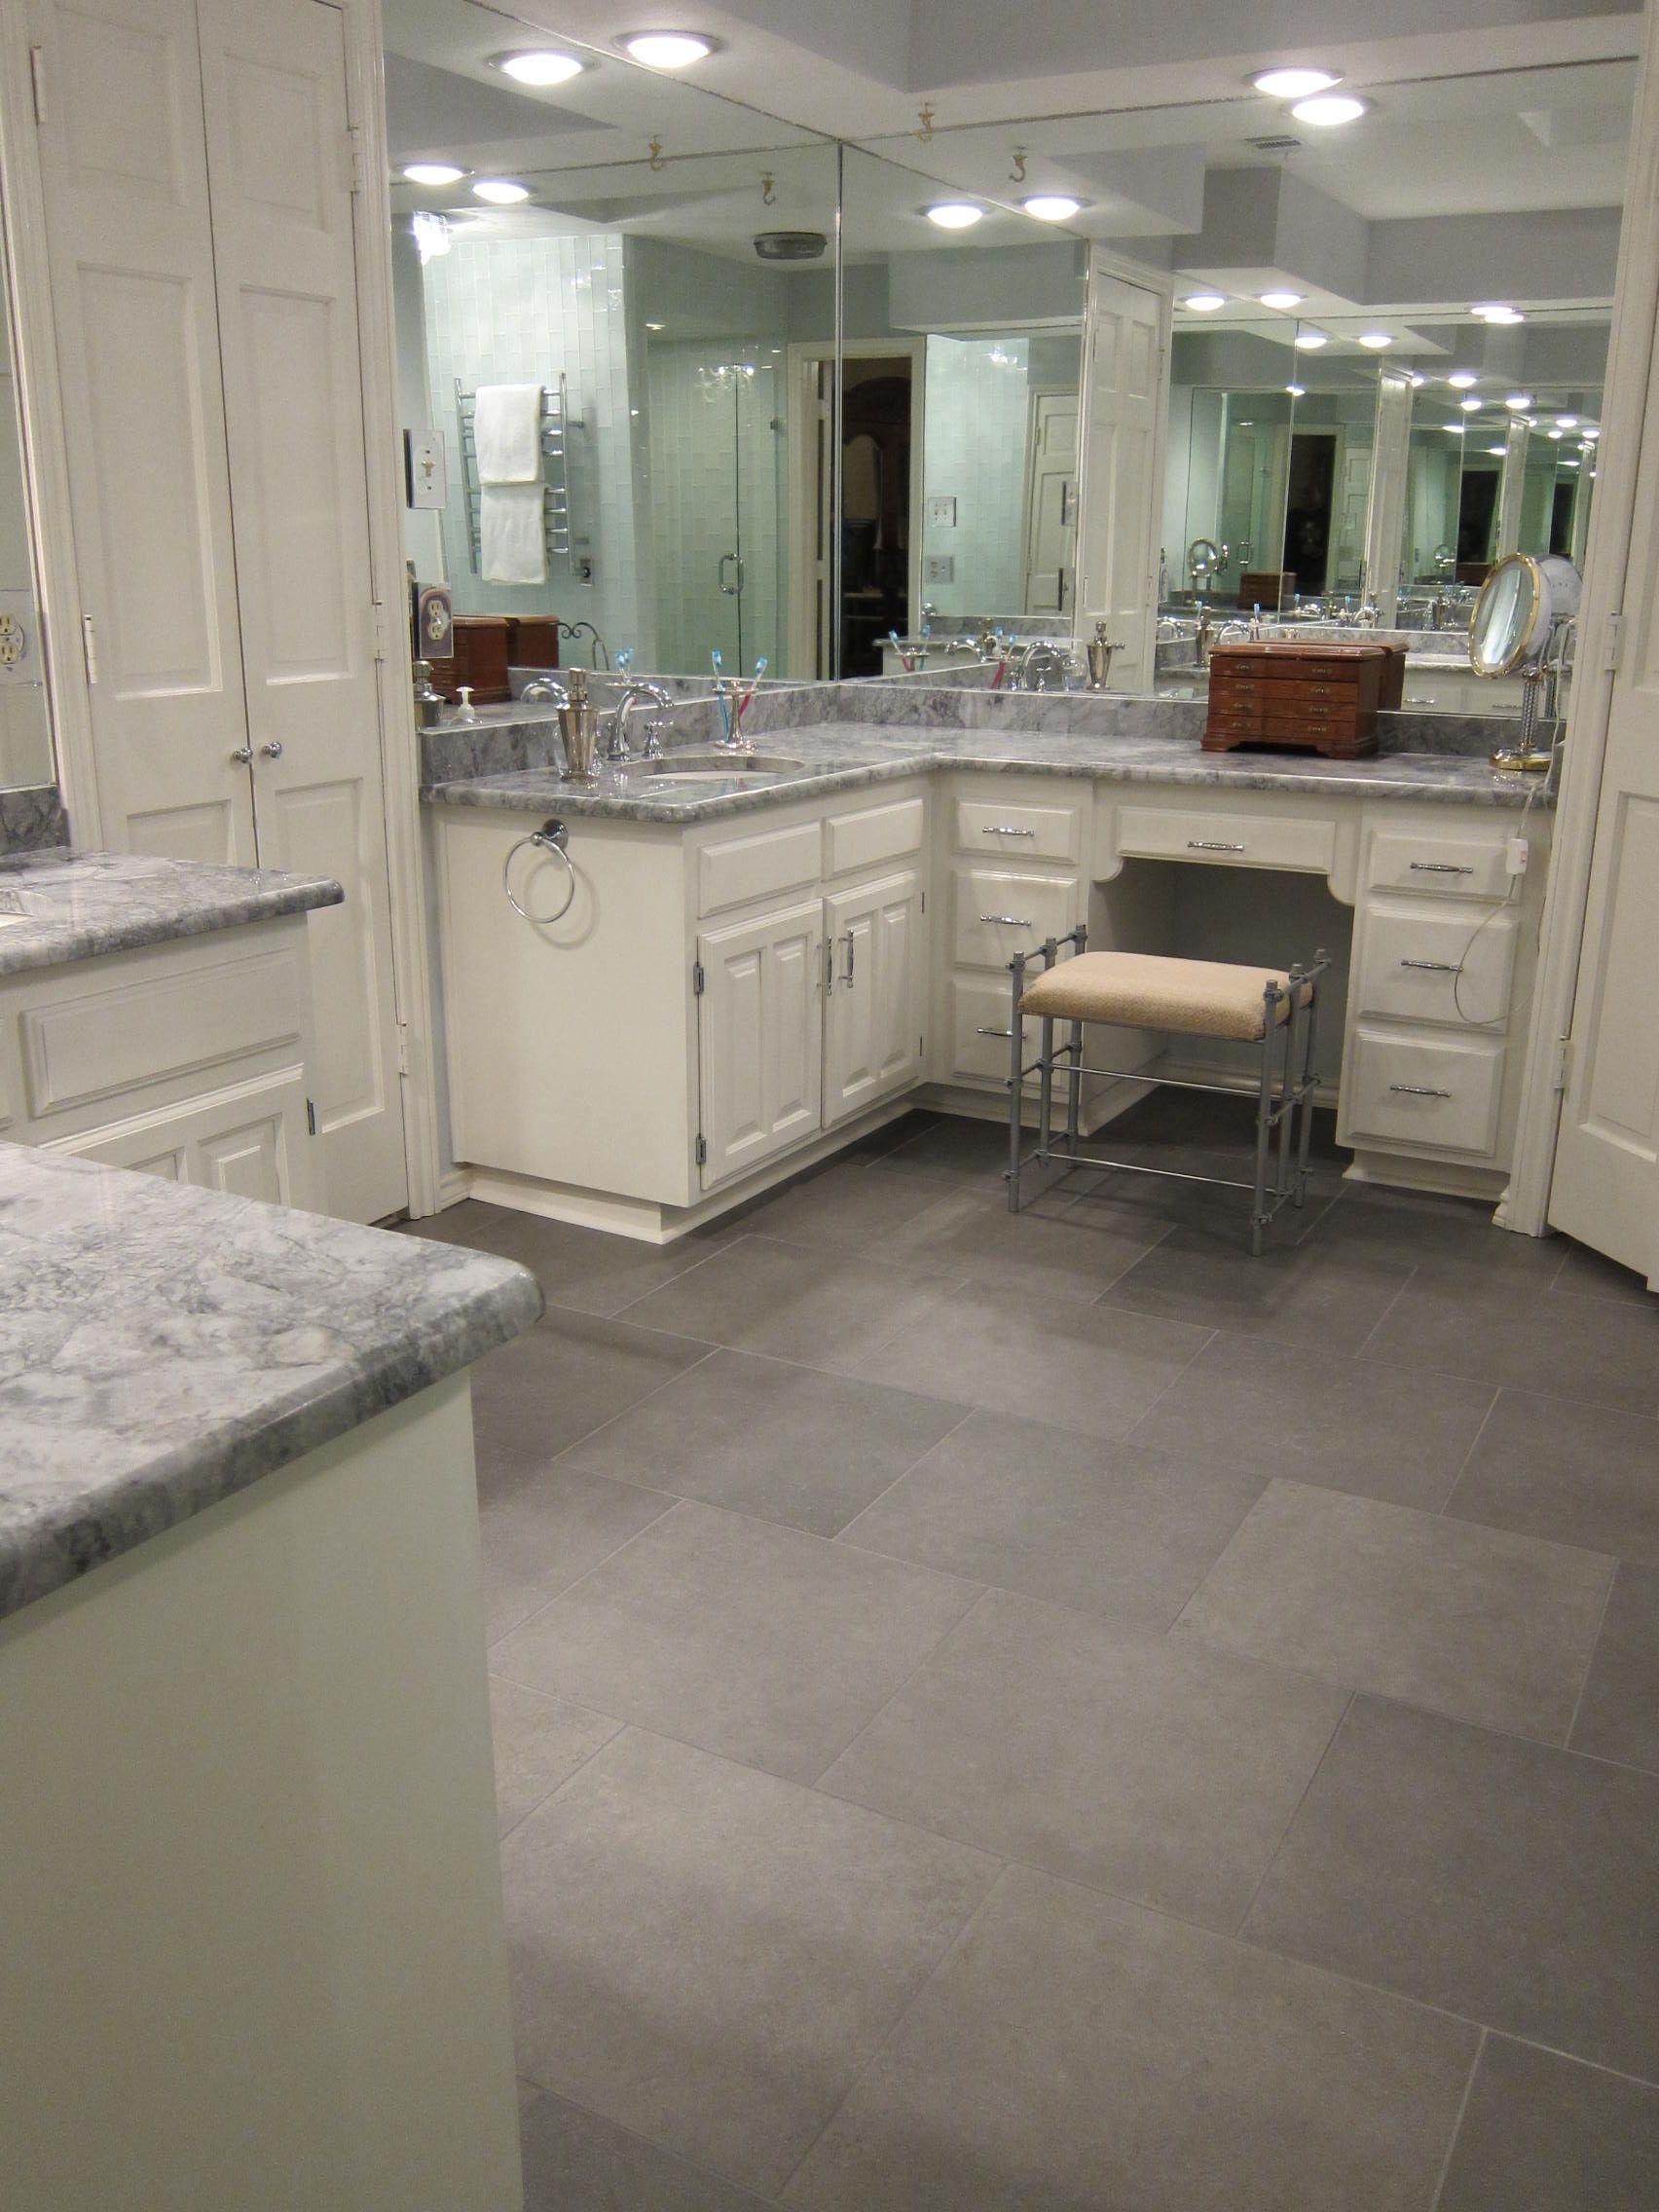 Granite Installed On Bathroom Vanity In This Bathroom Remodel - Bathroom remodeling burleson tx